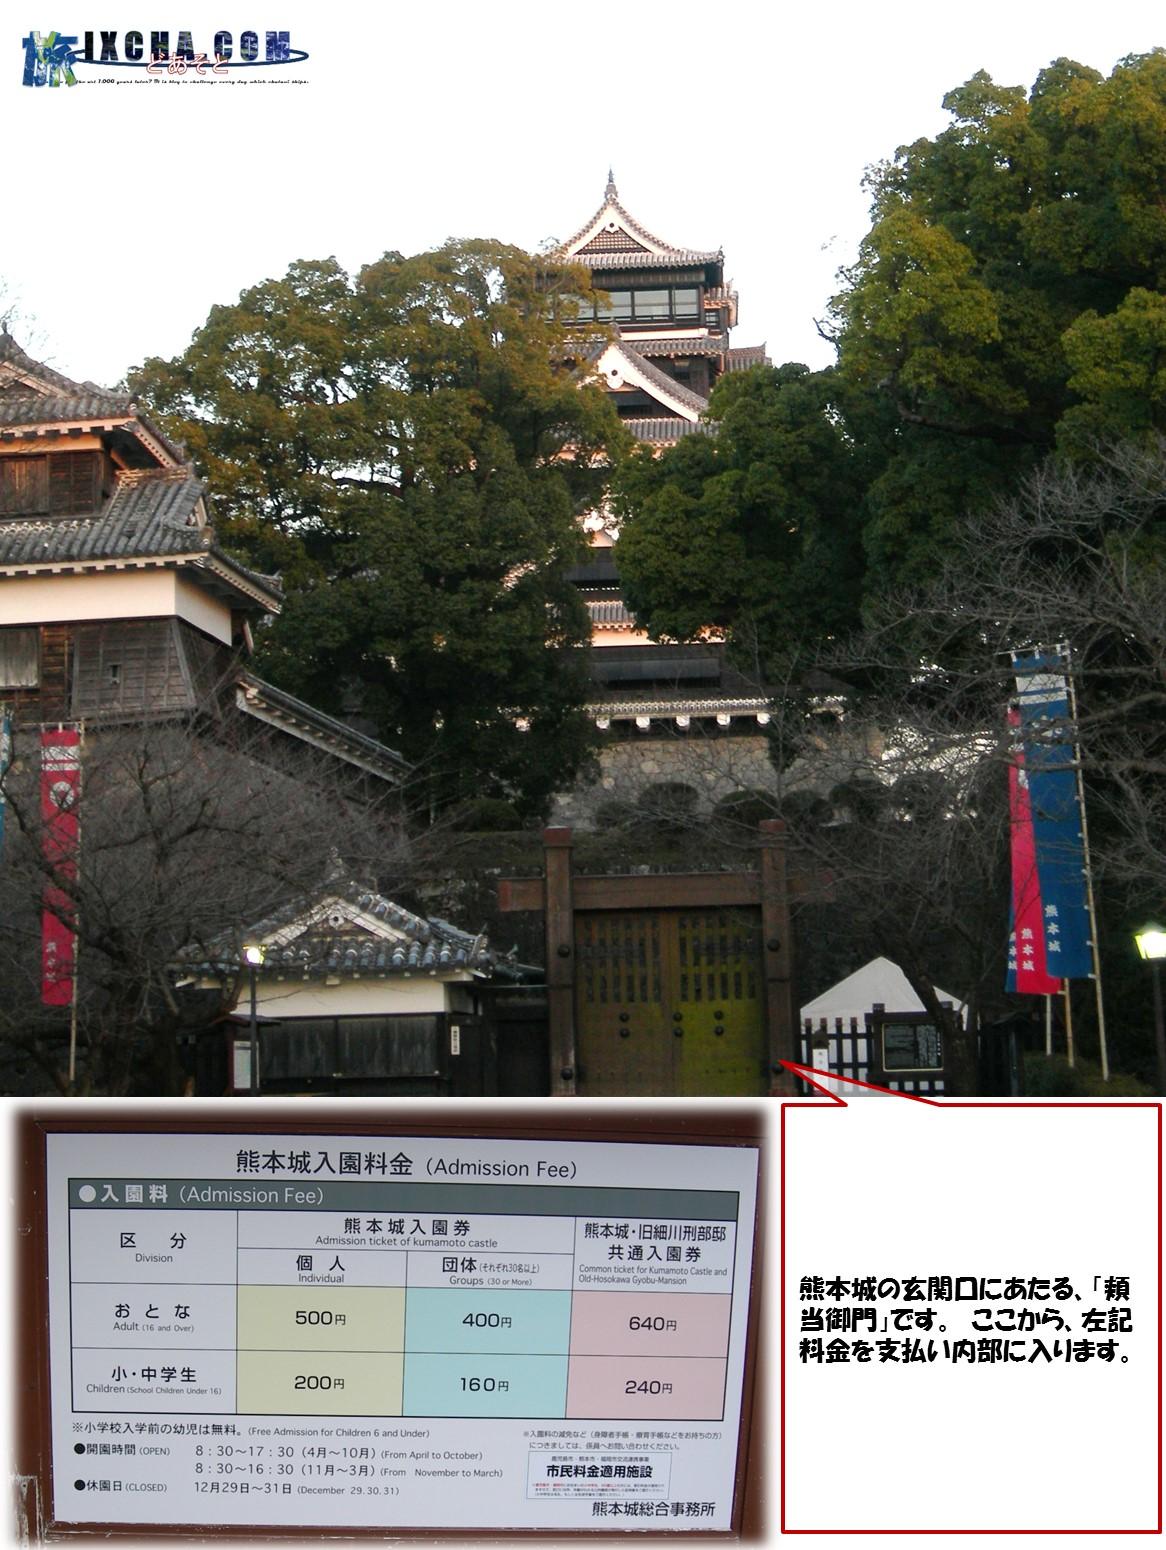 熊本城の玄関口にあたる、「頬当御門」です。 ここから、左記料金を支払い内部に入ります。